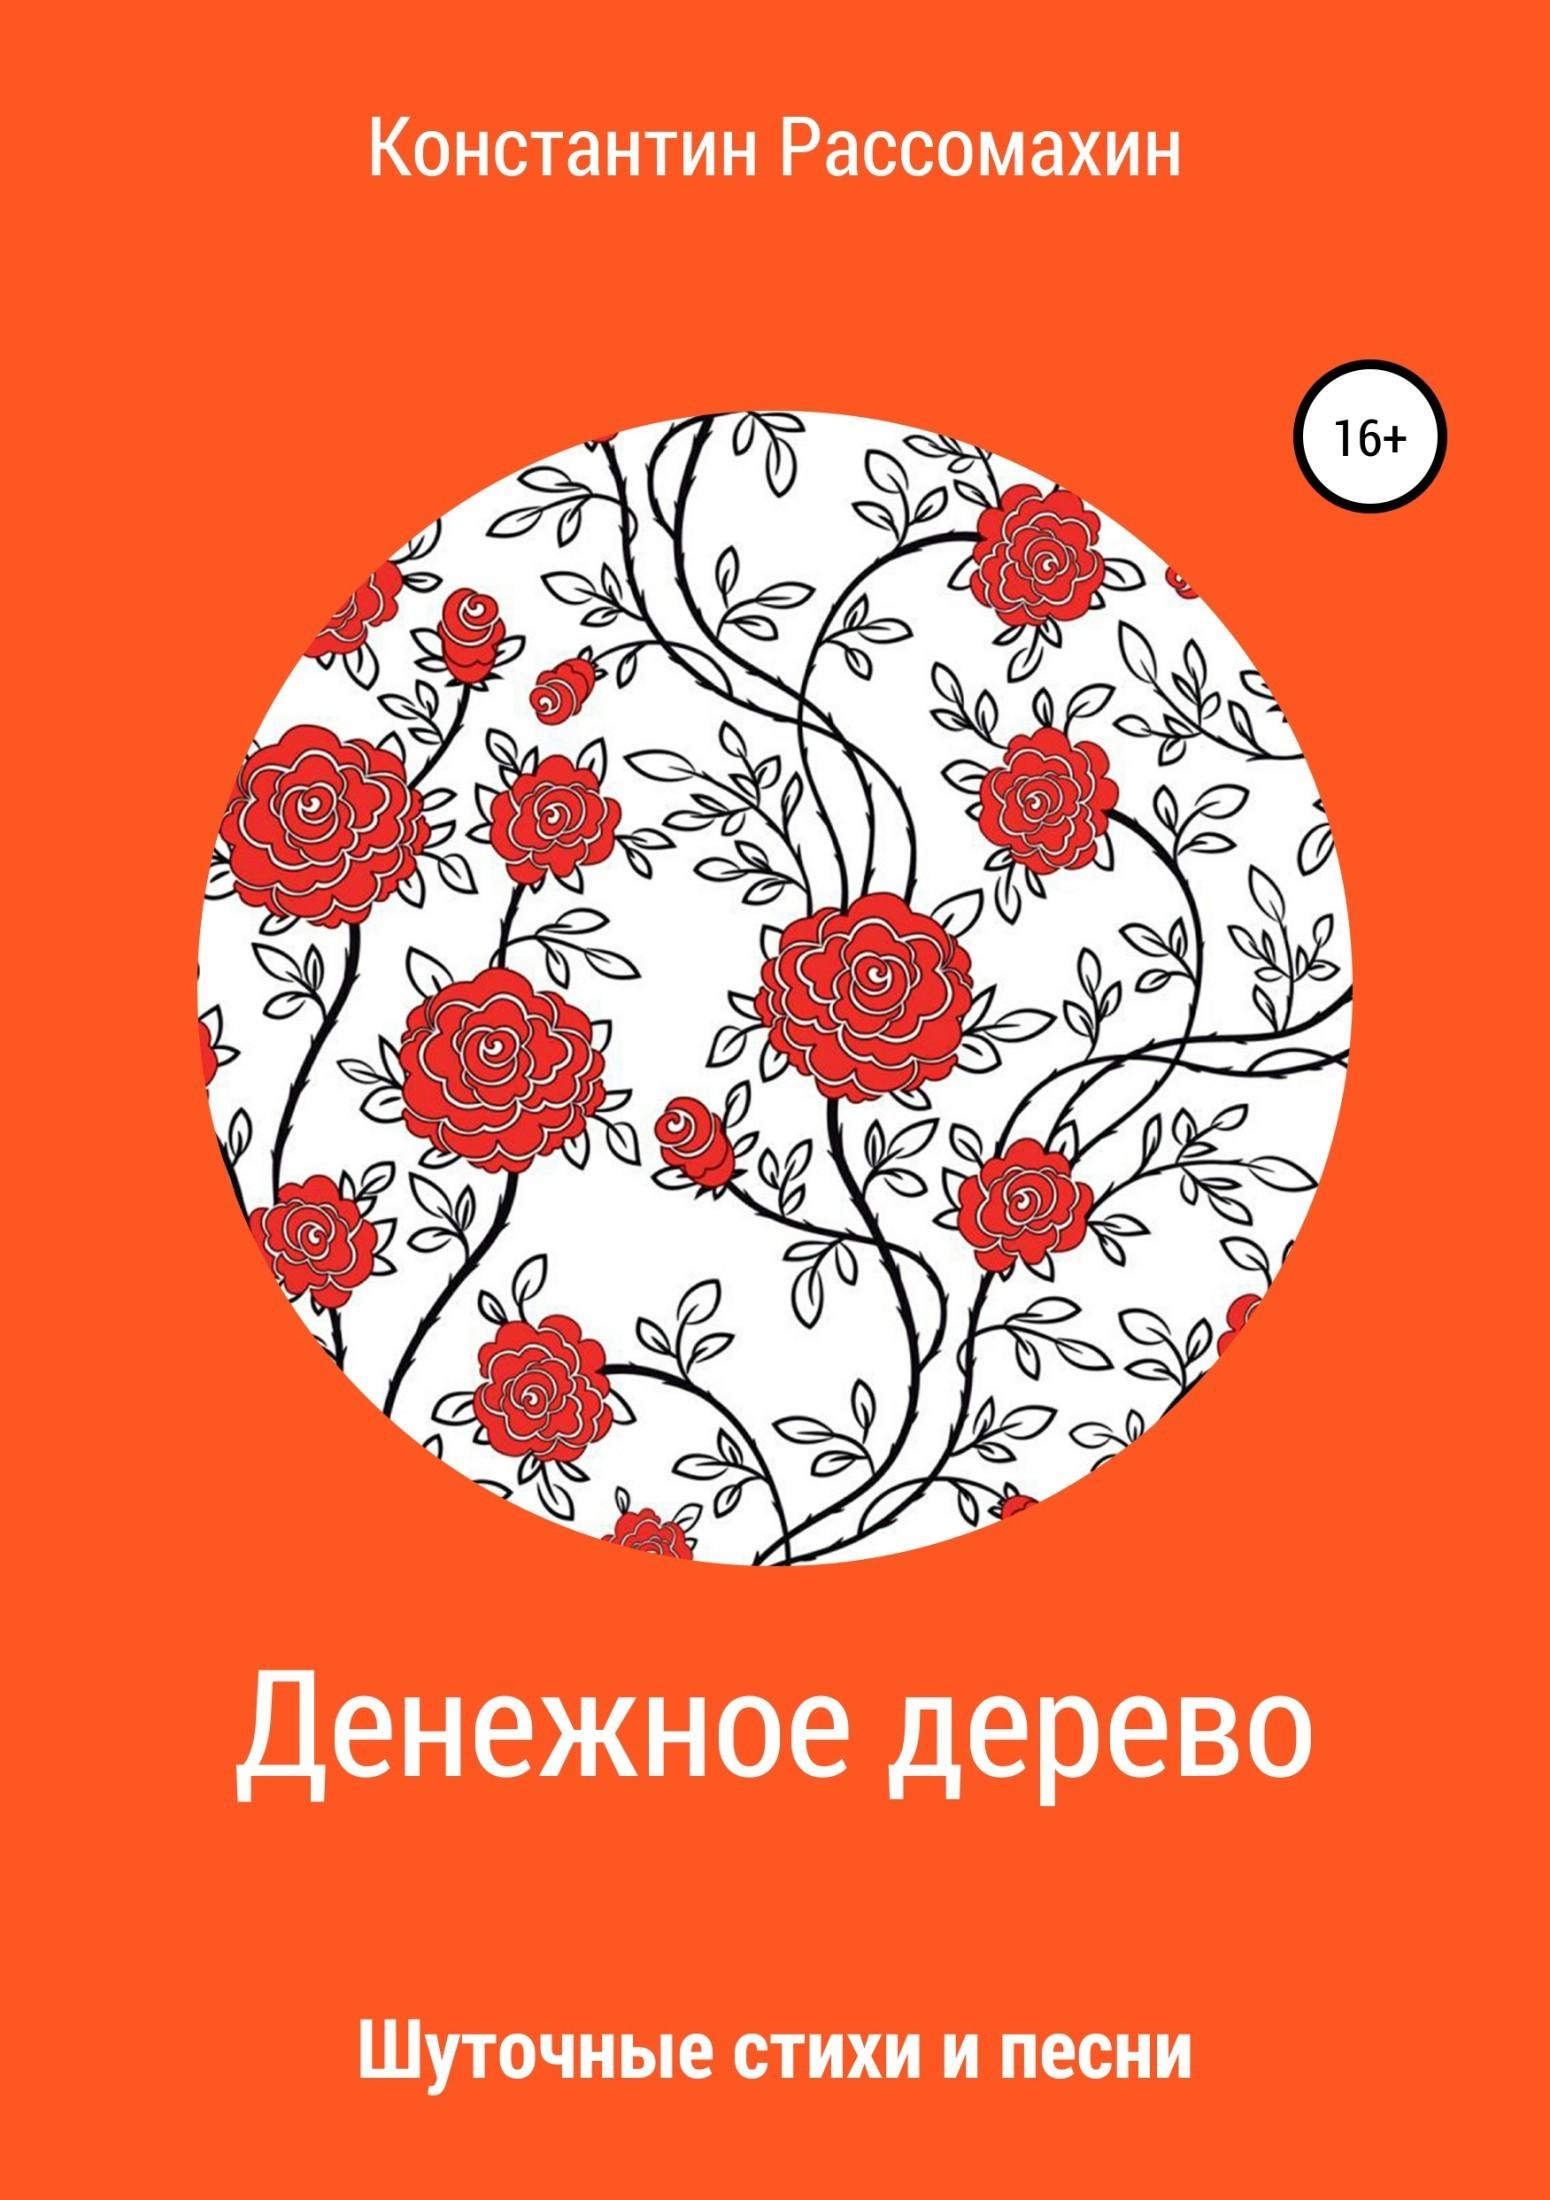 Константин Рассомахин Денежное дерево. Сборник стихотворений